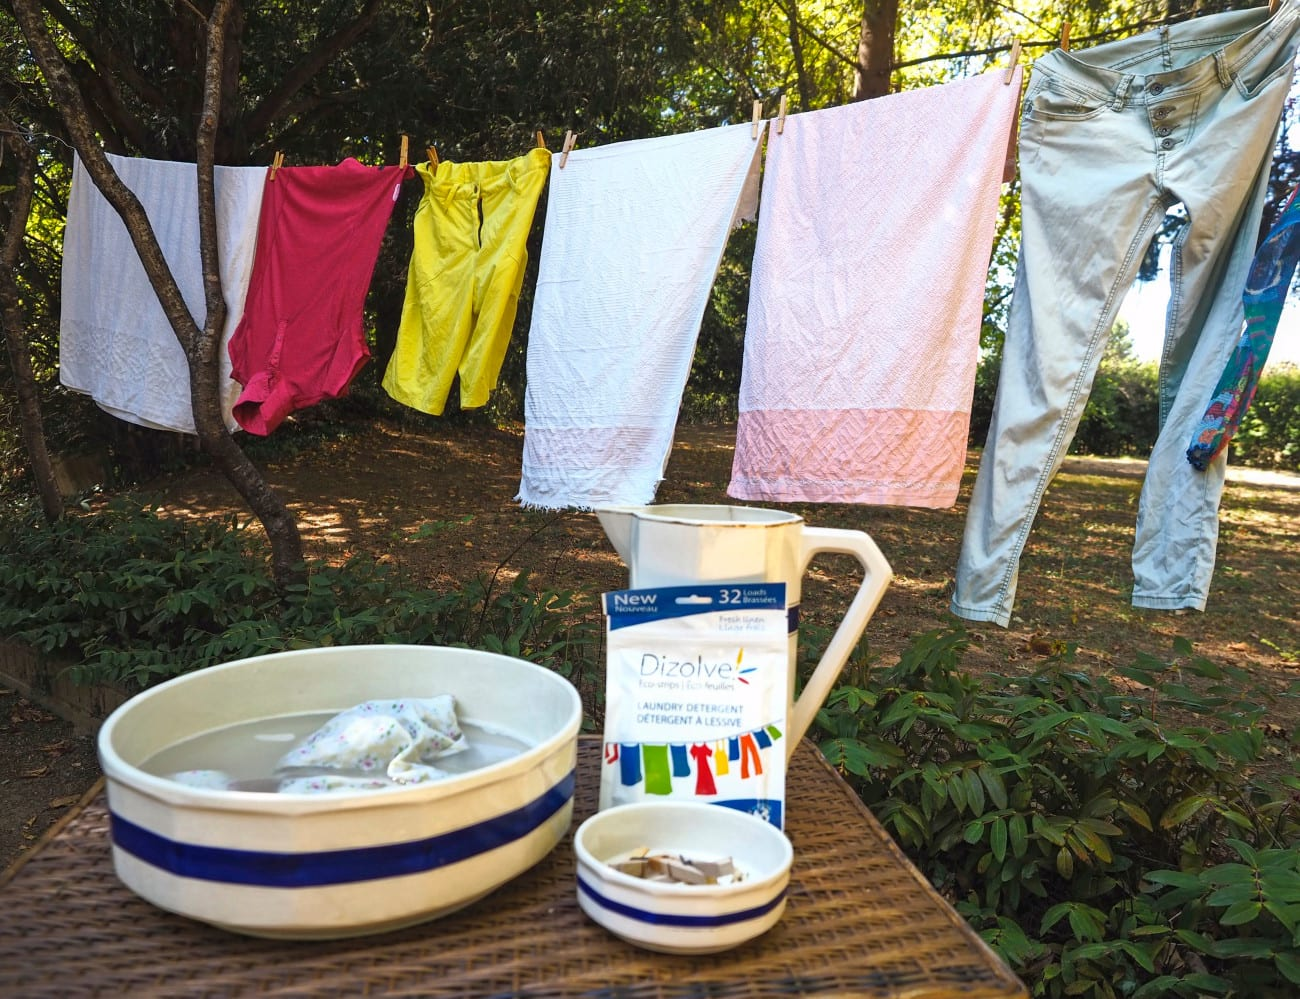 Dizolve hilft beim Wäsche waschen